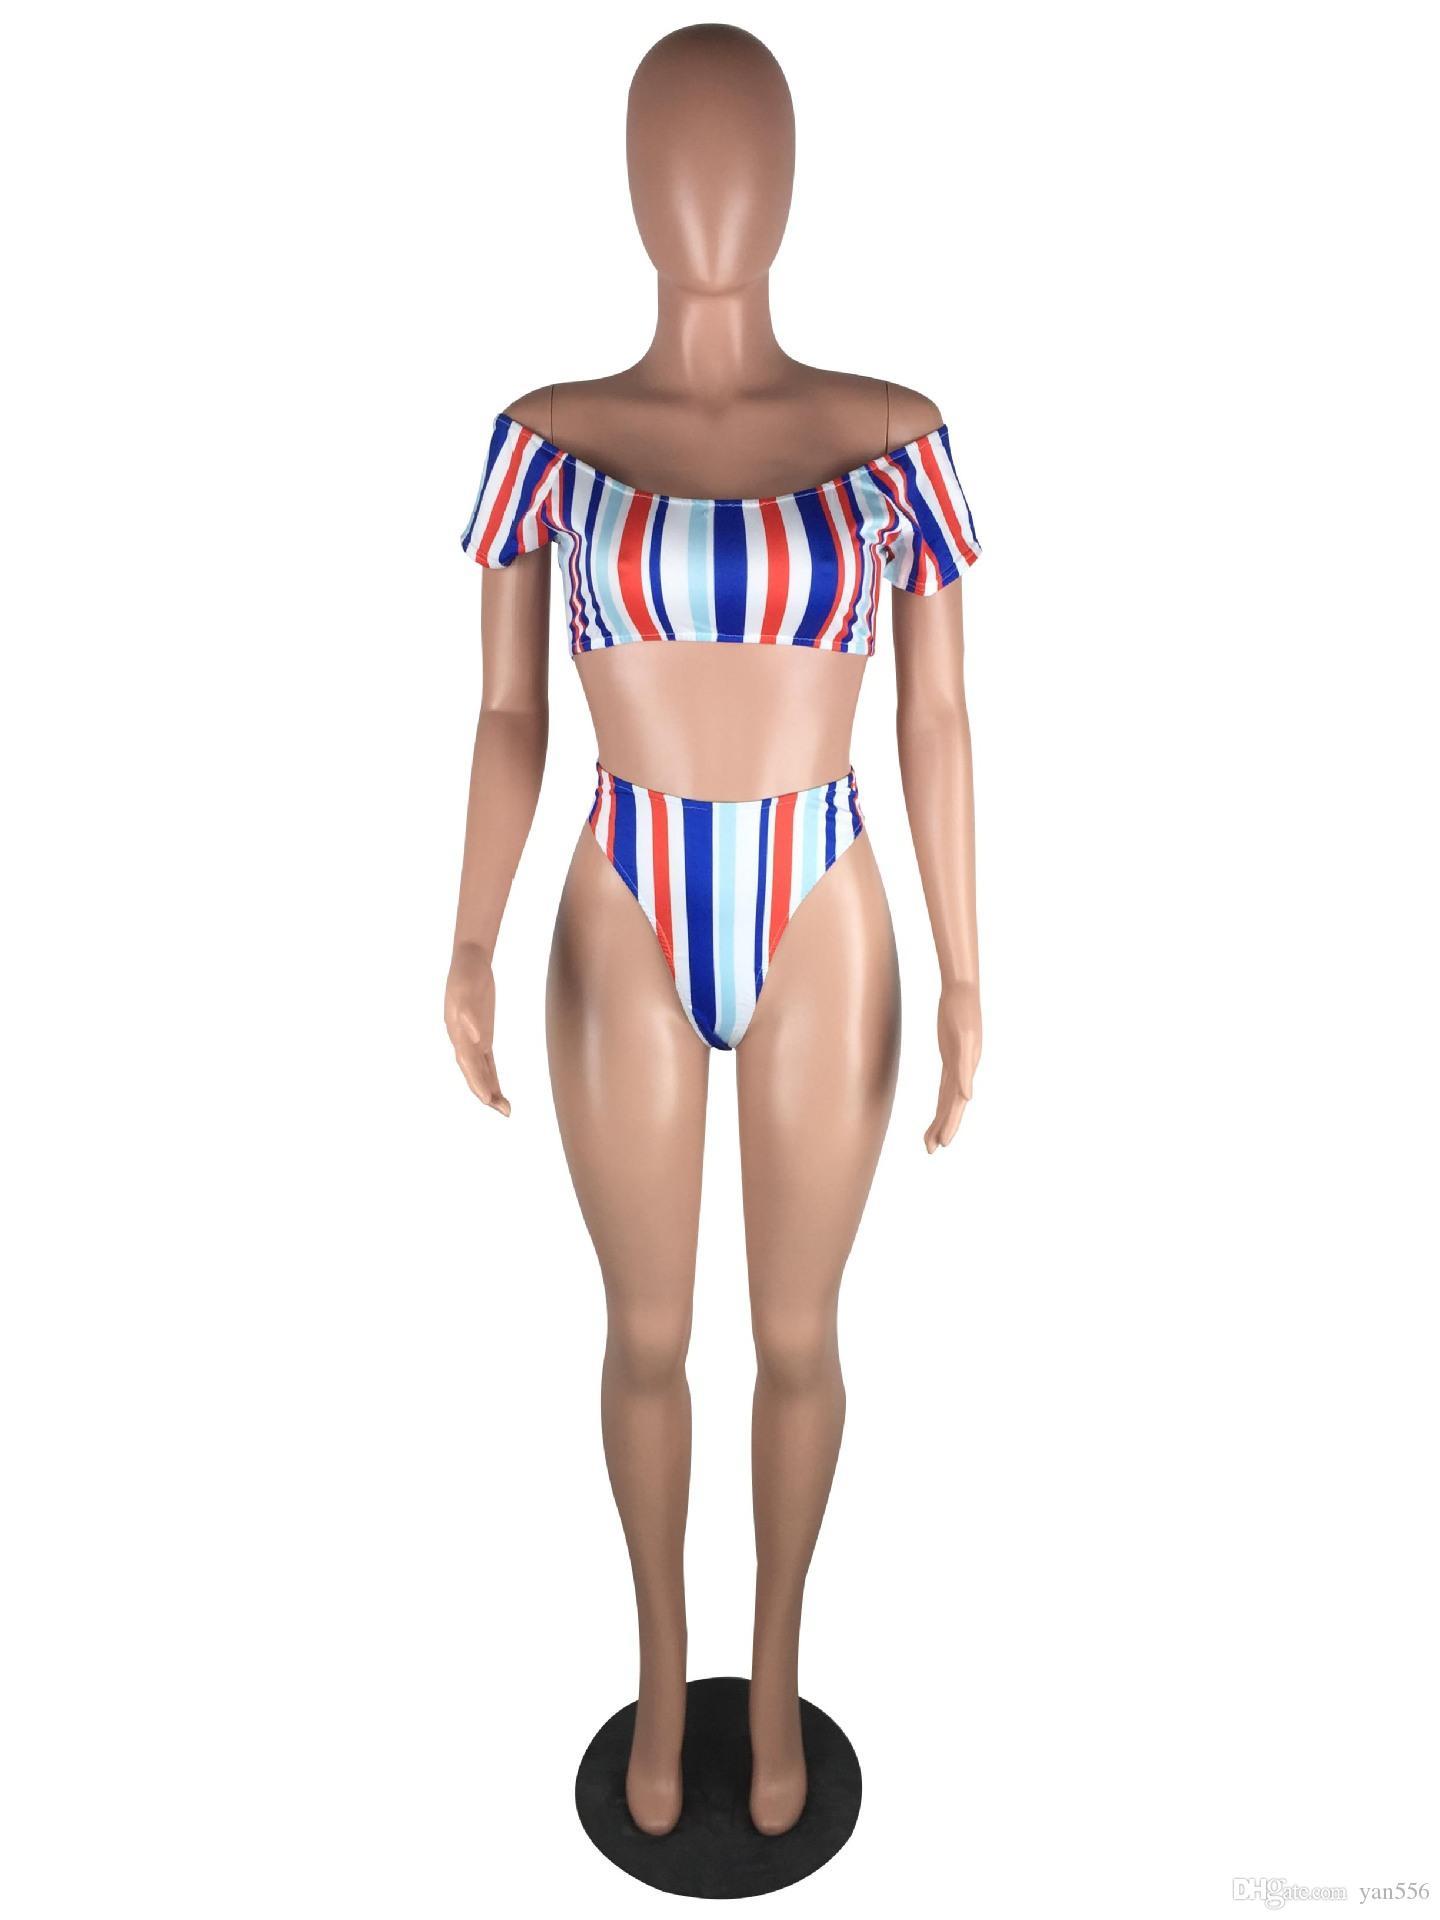 Swimwear del costume da bagno della banda del bikini del costume da bagno sexy della banda del bikini di Spalato 2018 piccolo costume da bagno caldo fresco della sorgente di acqua calda